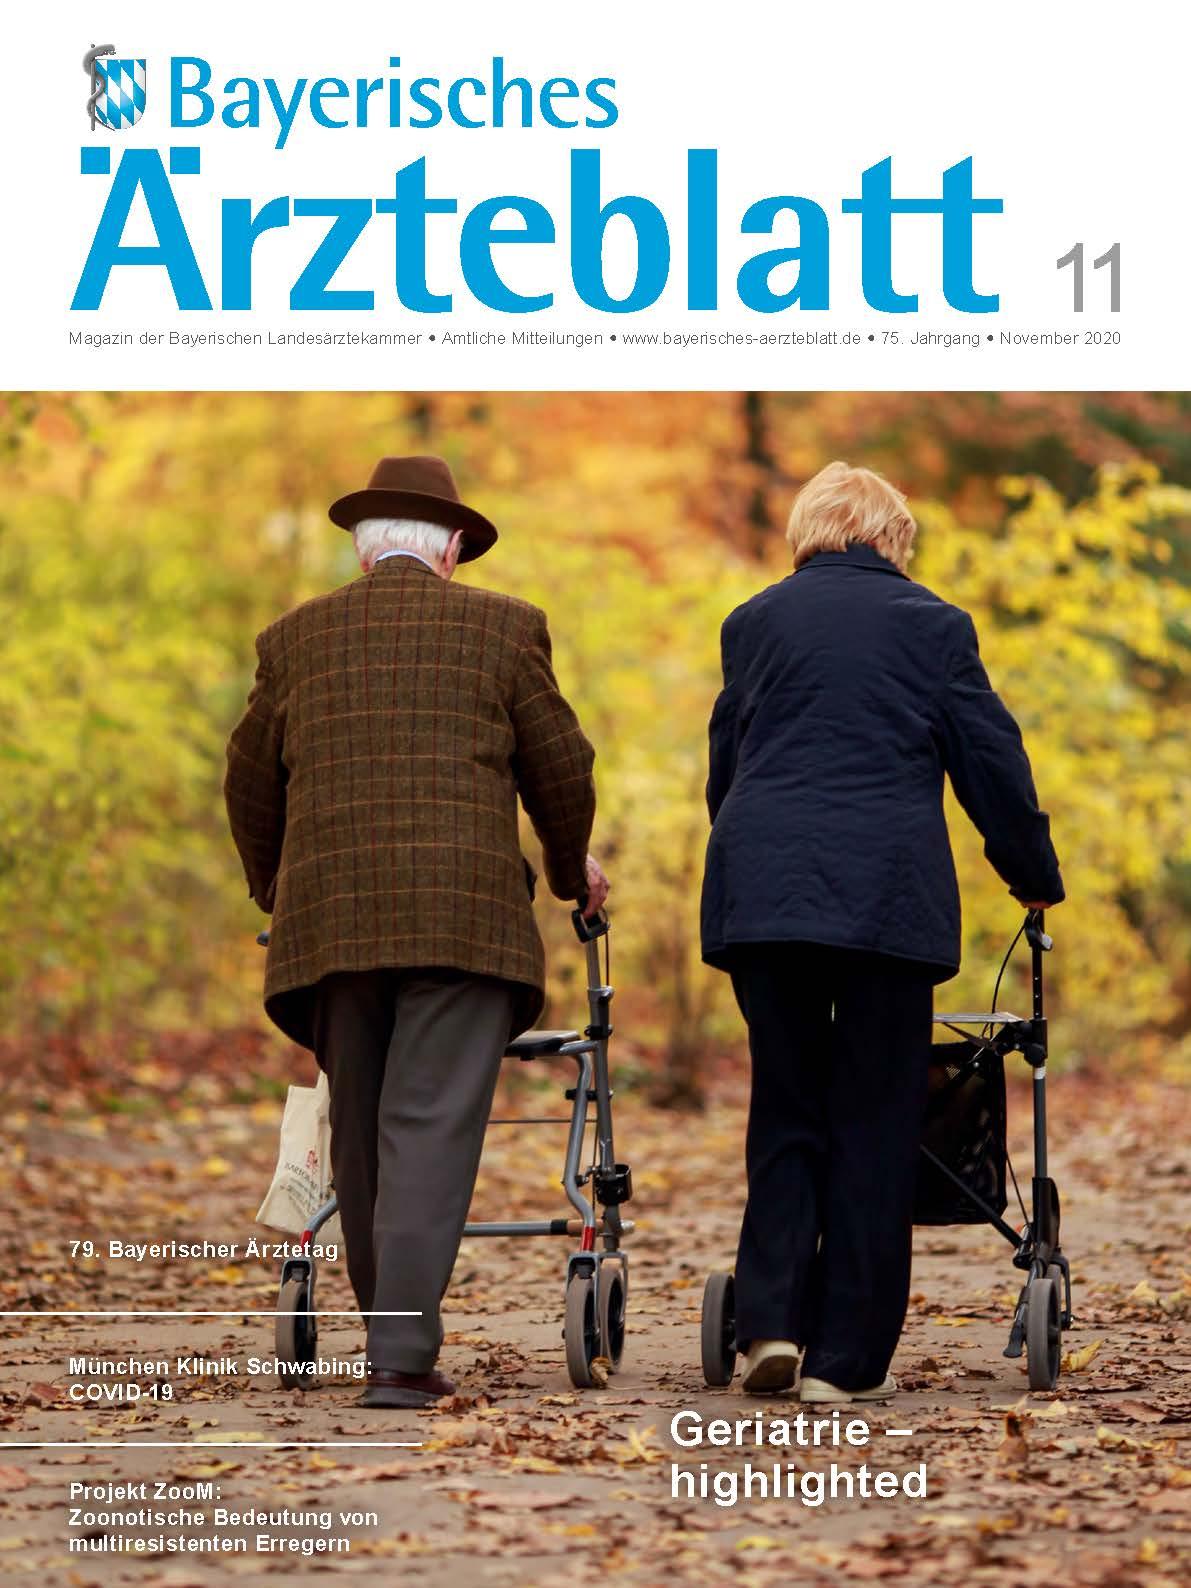 Die November-Ausgabe des Bayerischen Ärzteblatts ist erschienen.